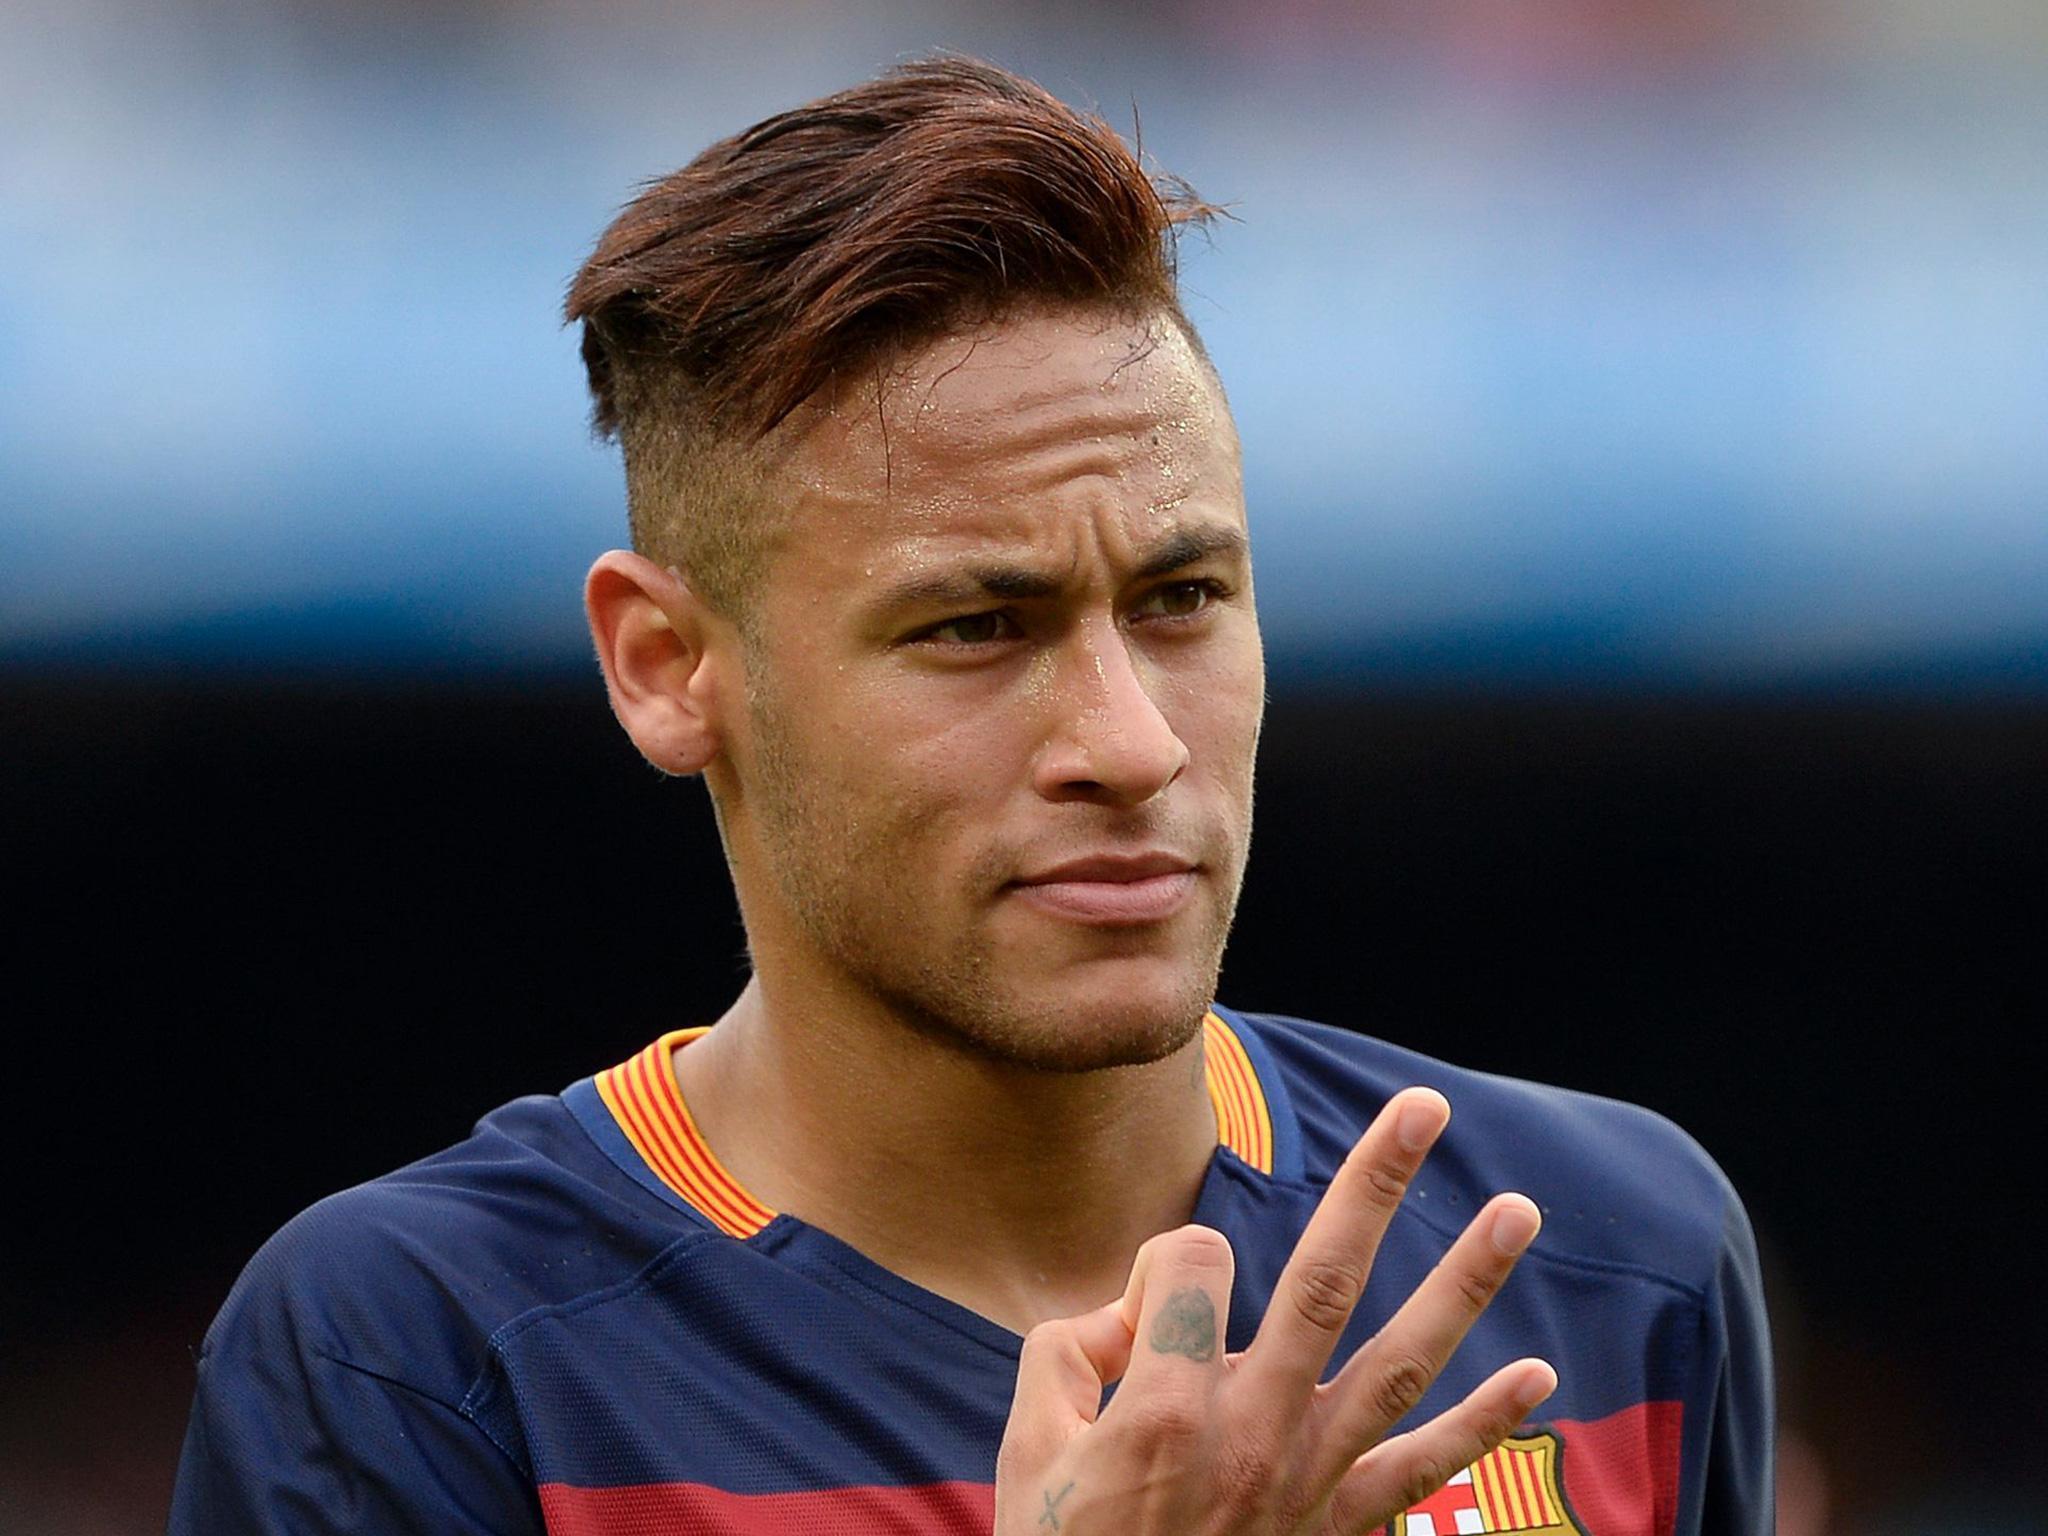 SỐC: Vừa mới PSG, Neymar liền trở mặt quyết đưa Barca ra tòa